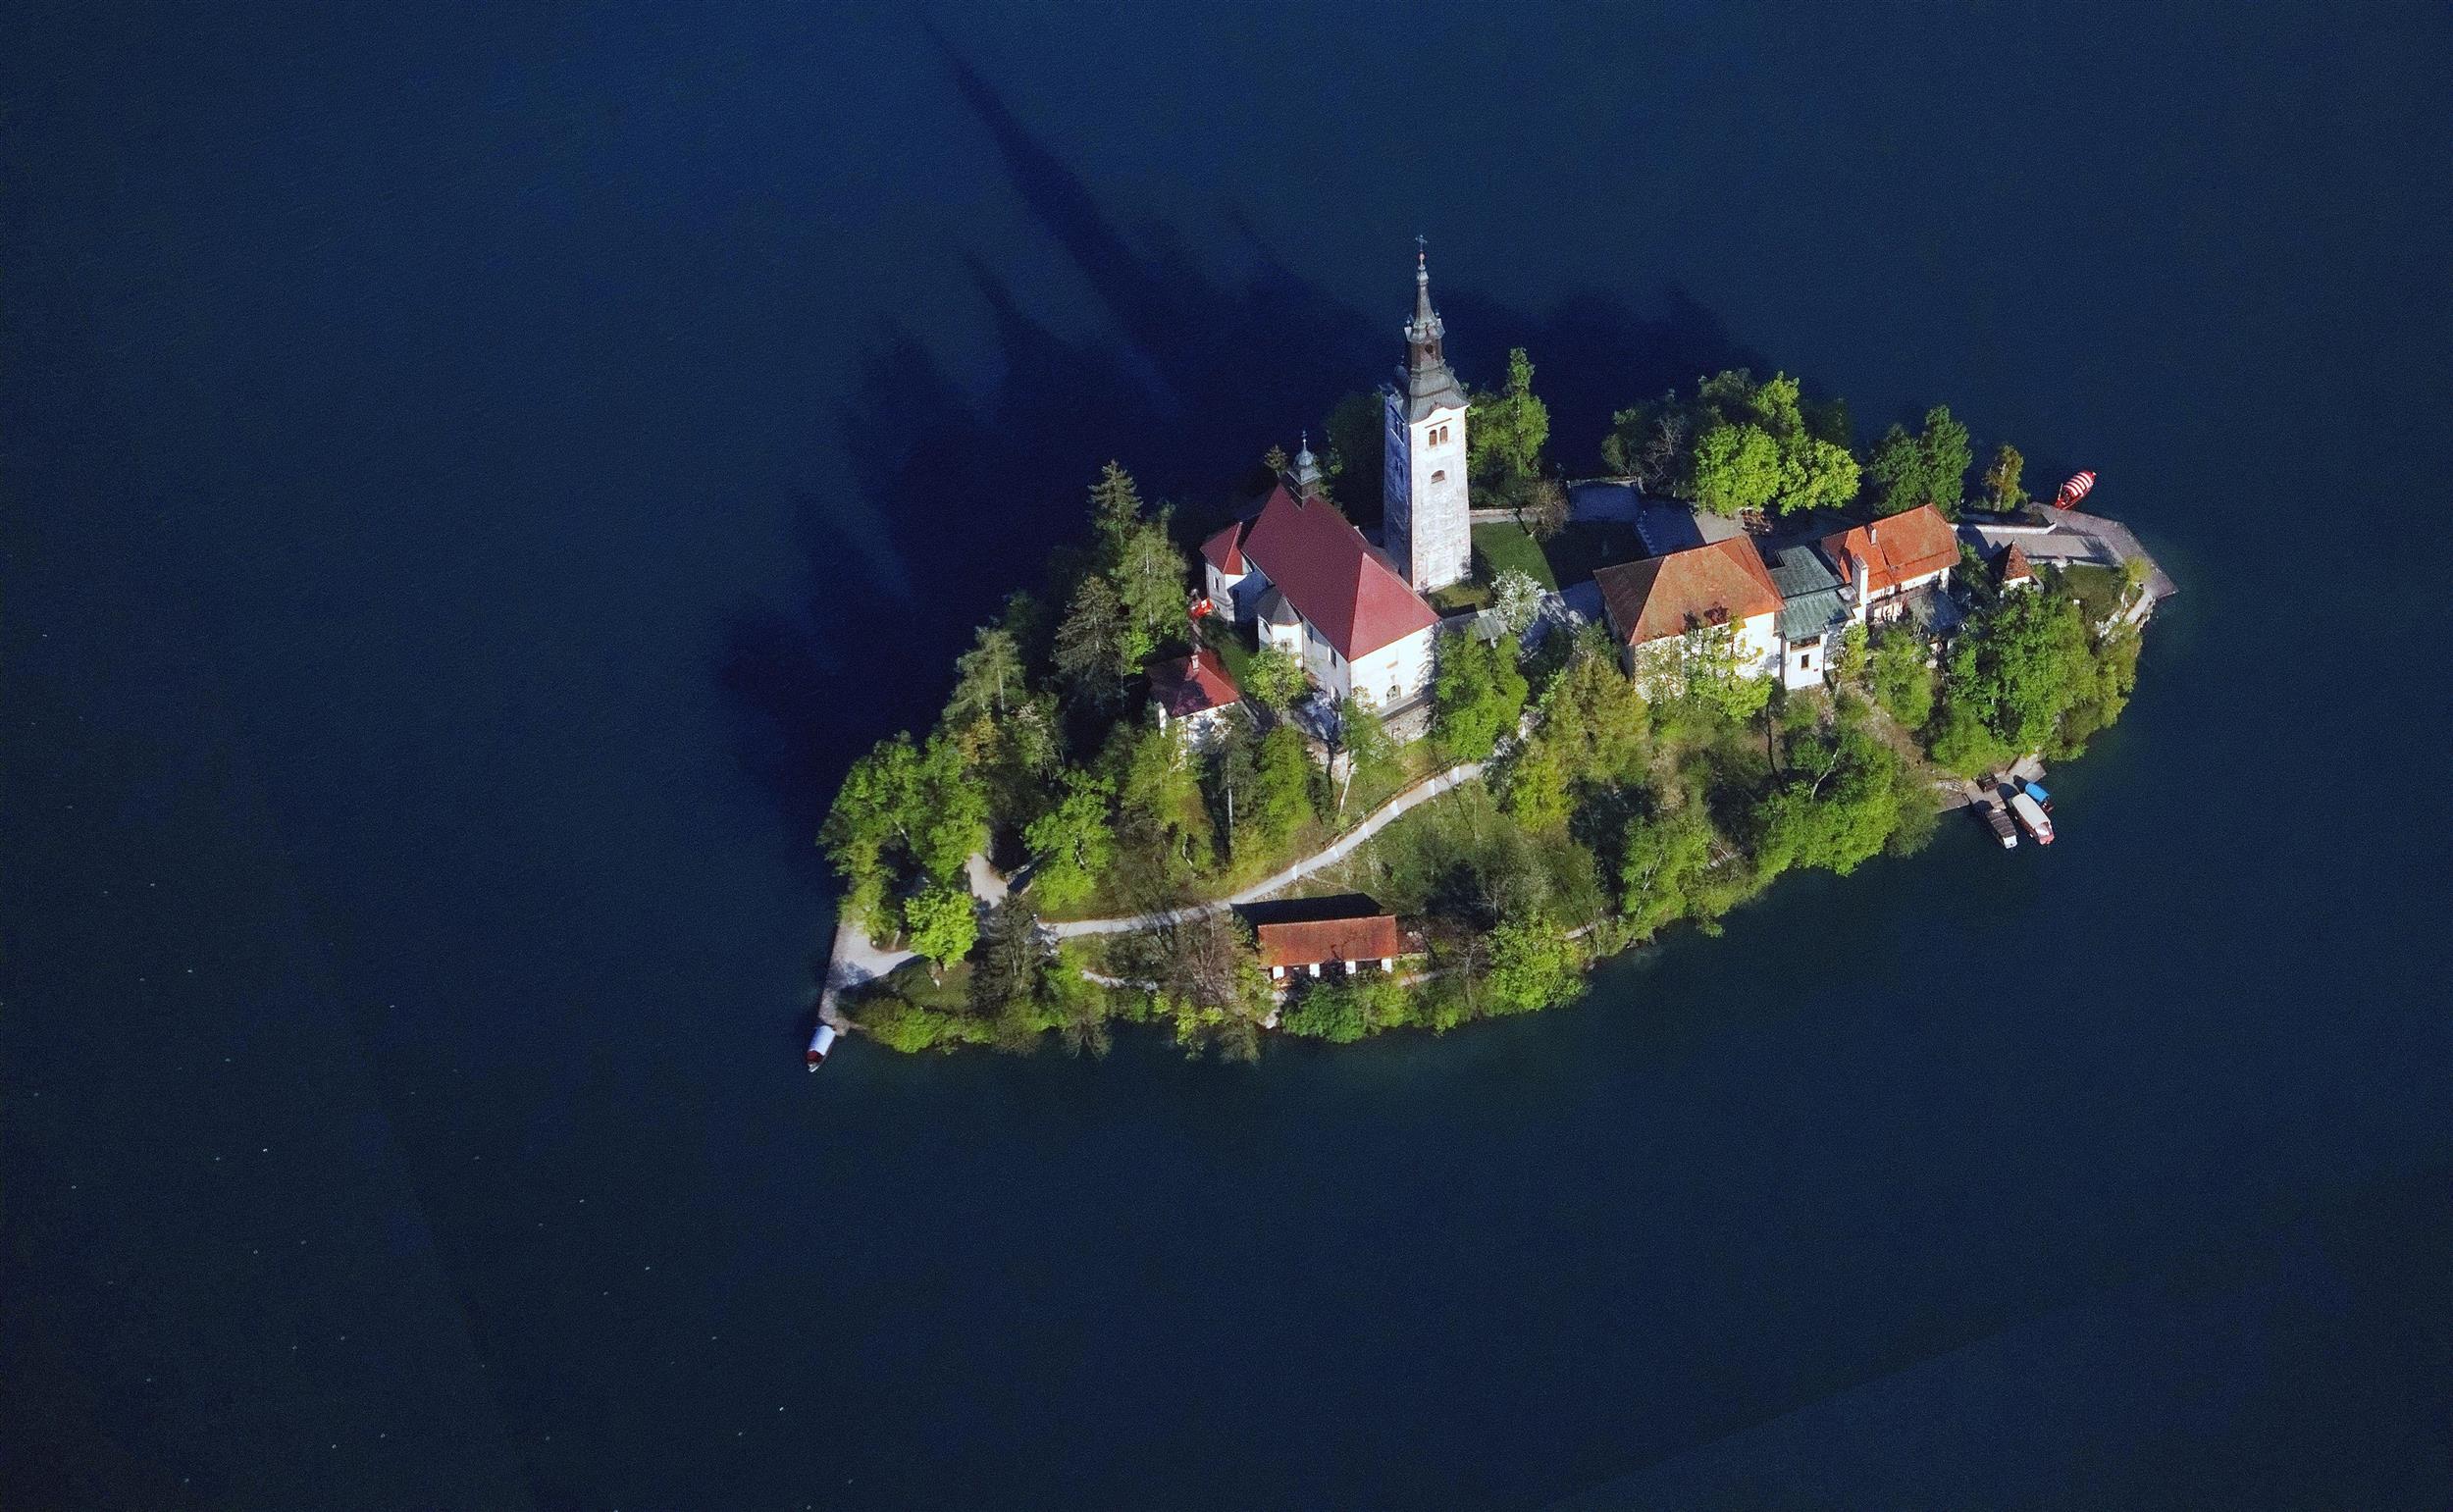 Island on the Lake, Slovenia